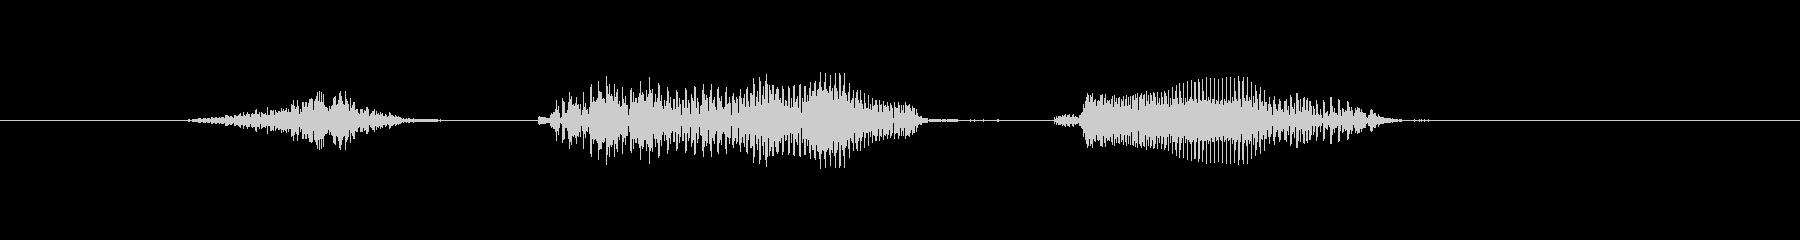 スタート!の未再生の波形